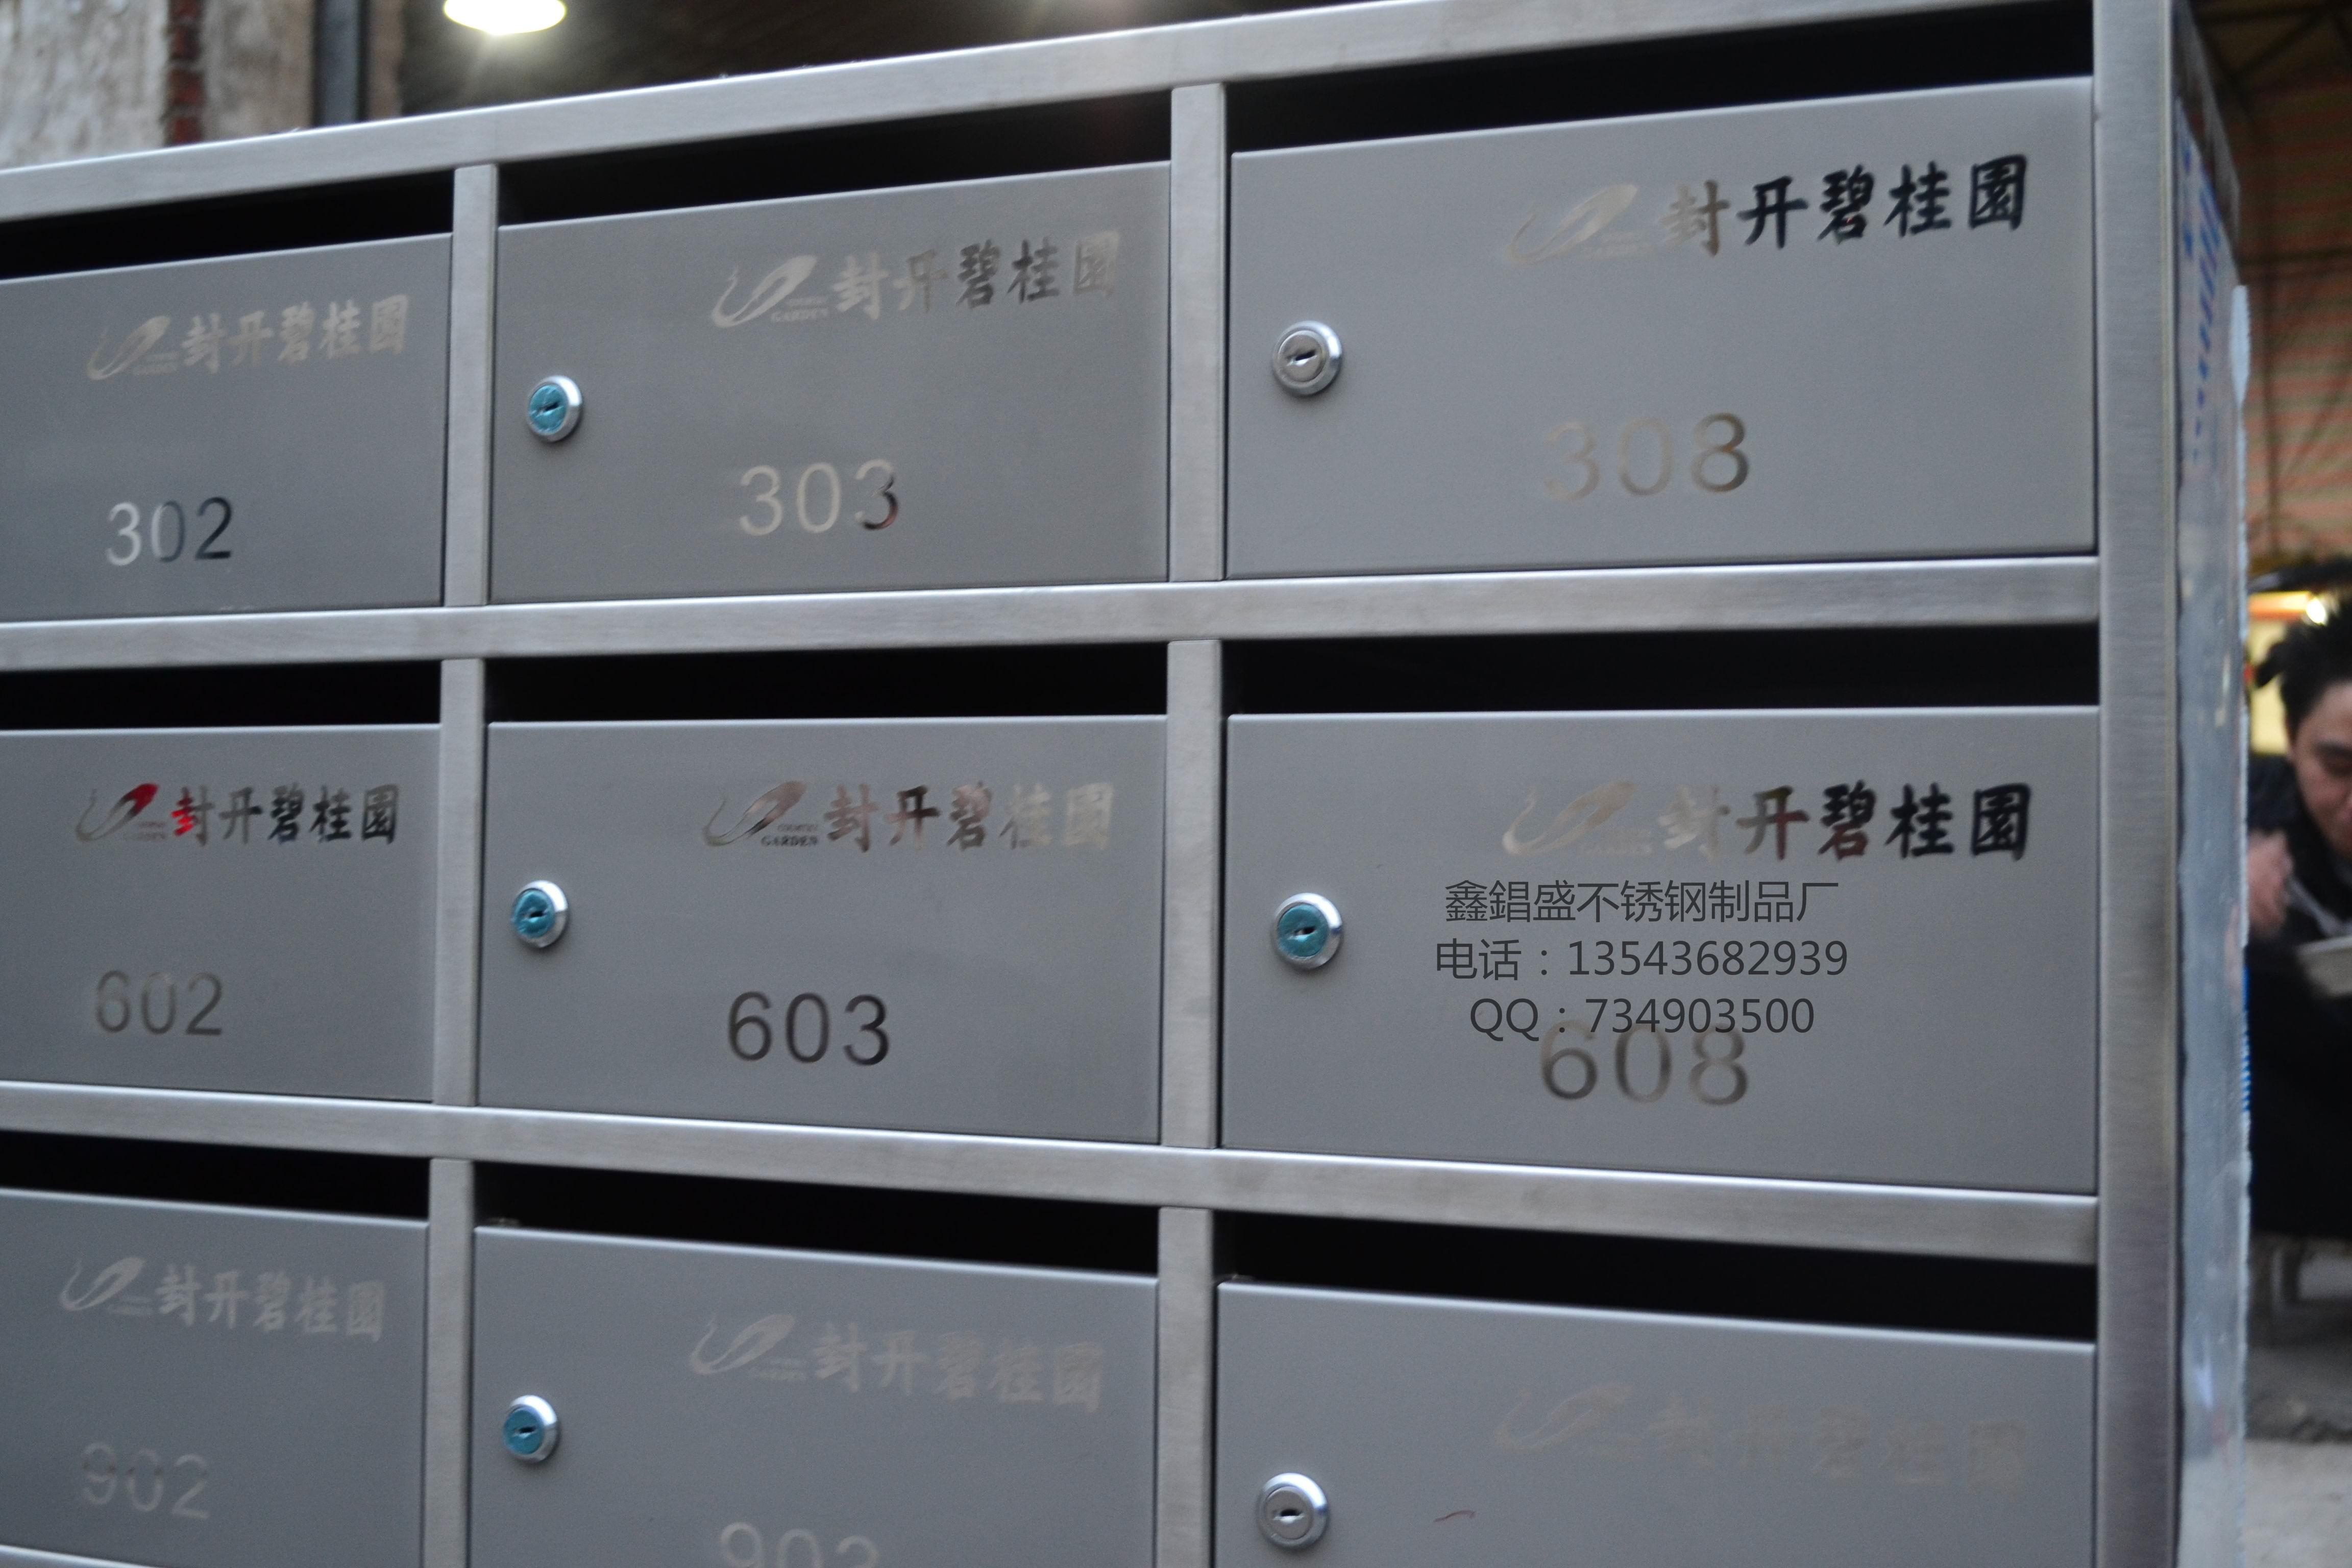 供应不锈钢信报箱销售厂家,信报箱,佛山厂家信报箱,不锈钢信箱 不锈钢信报箱销售厂家 不锈钢报箱